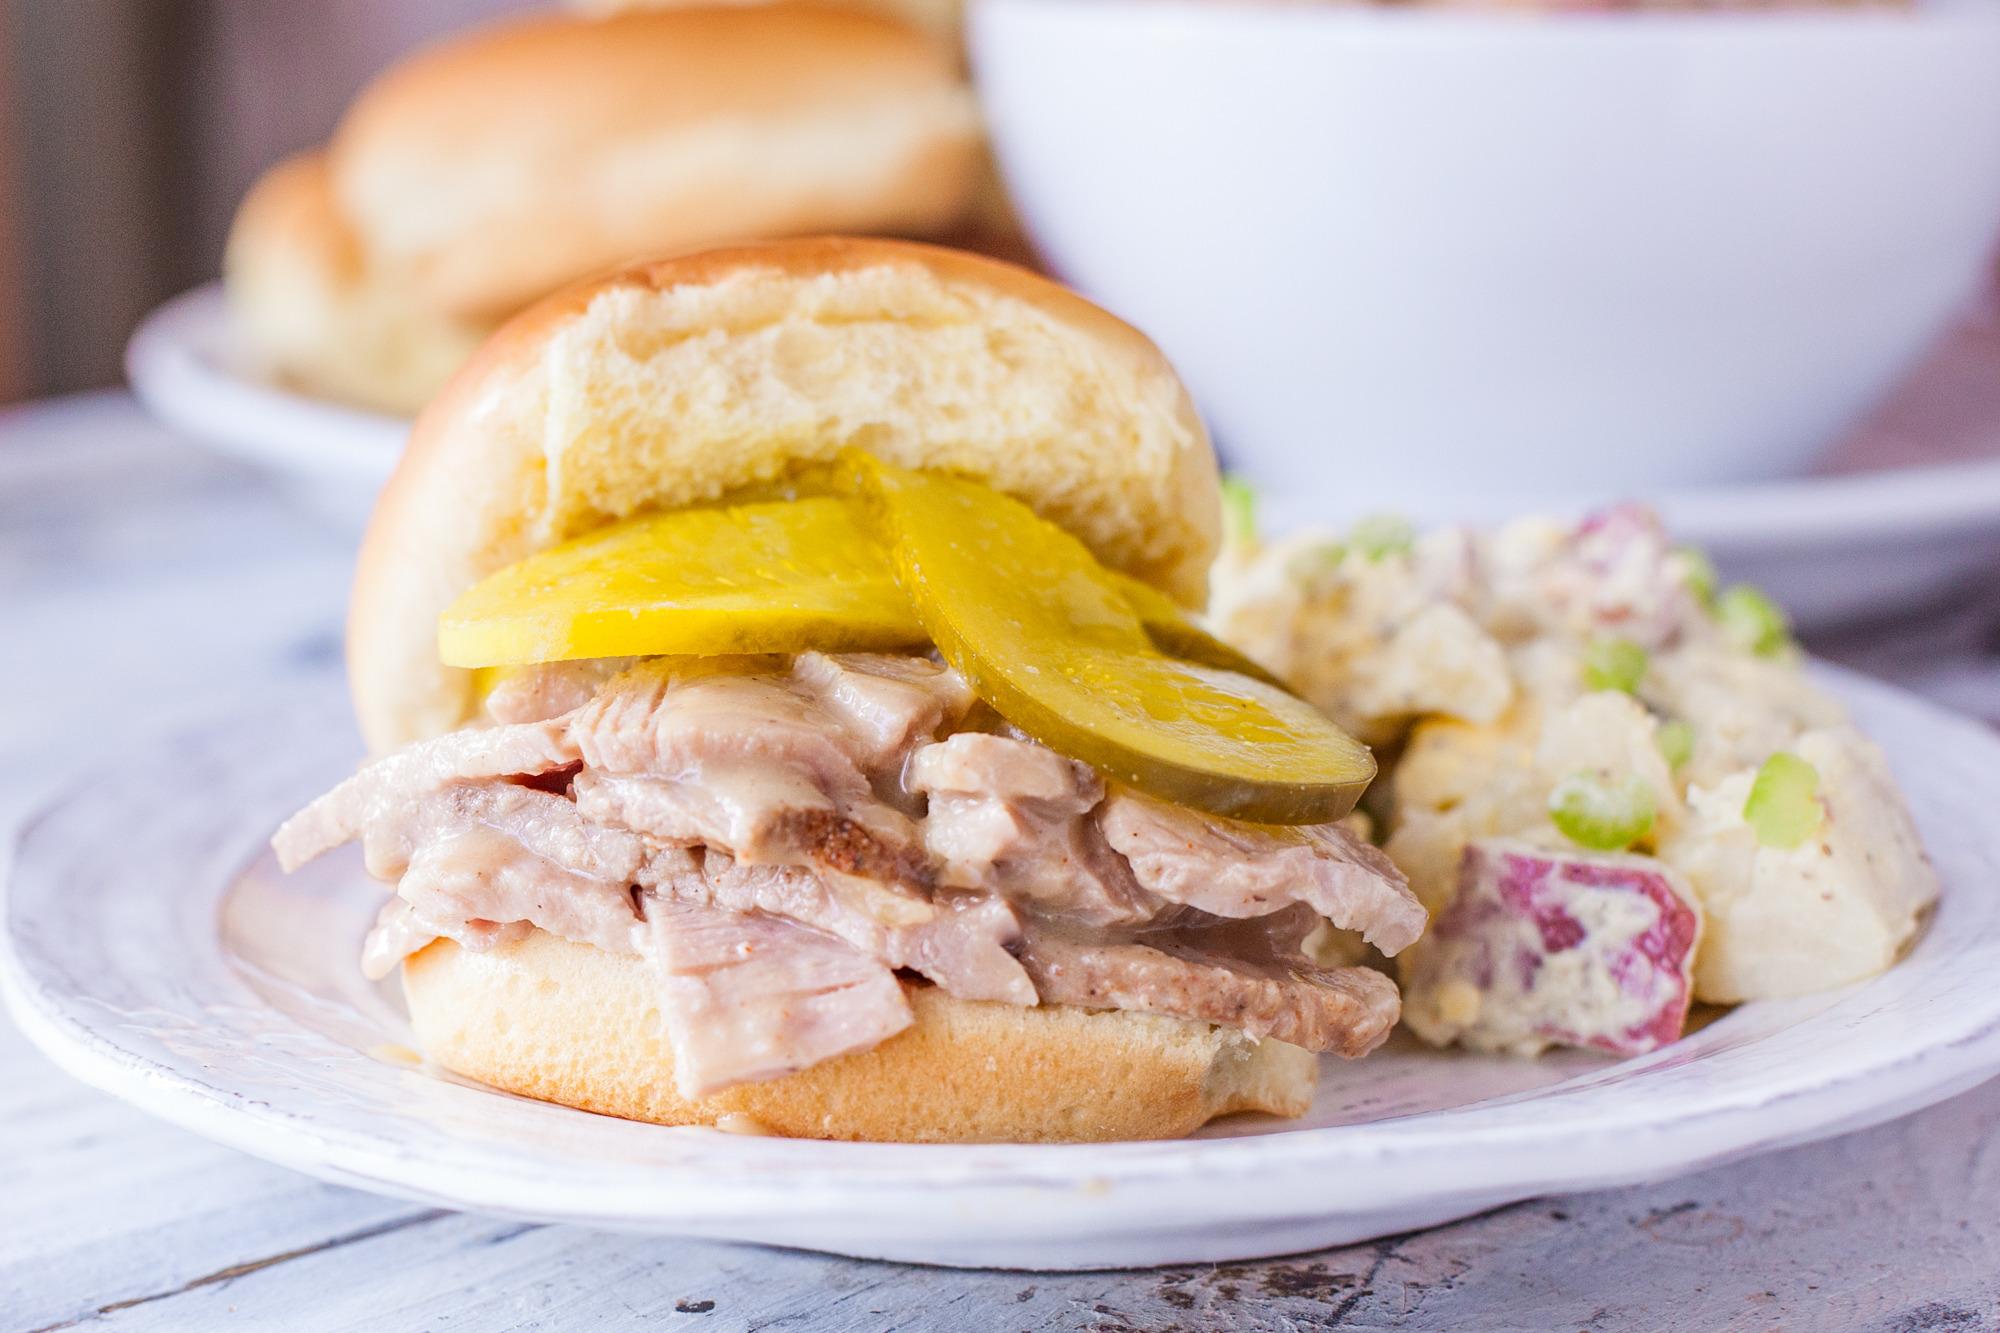 Best BBQ Pulled Pork Recipes - Genius Kitchen